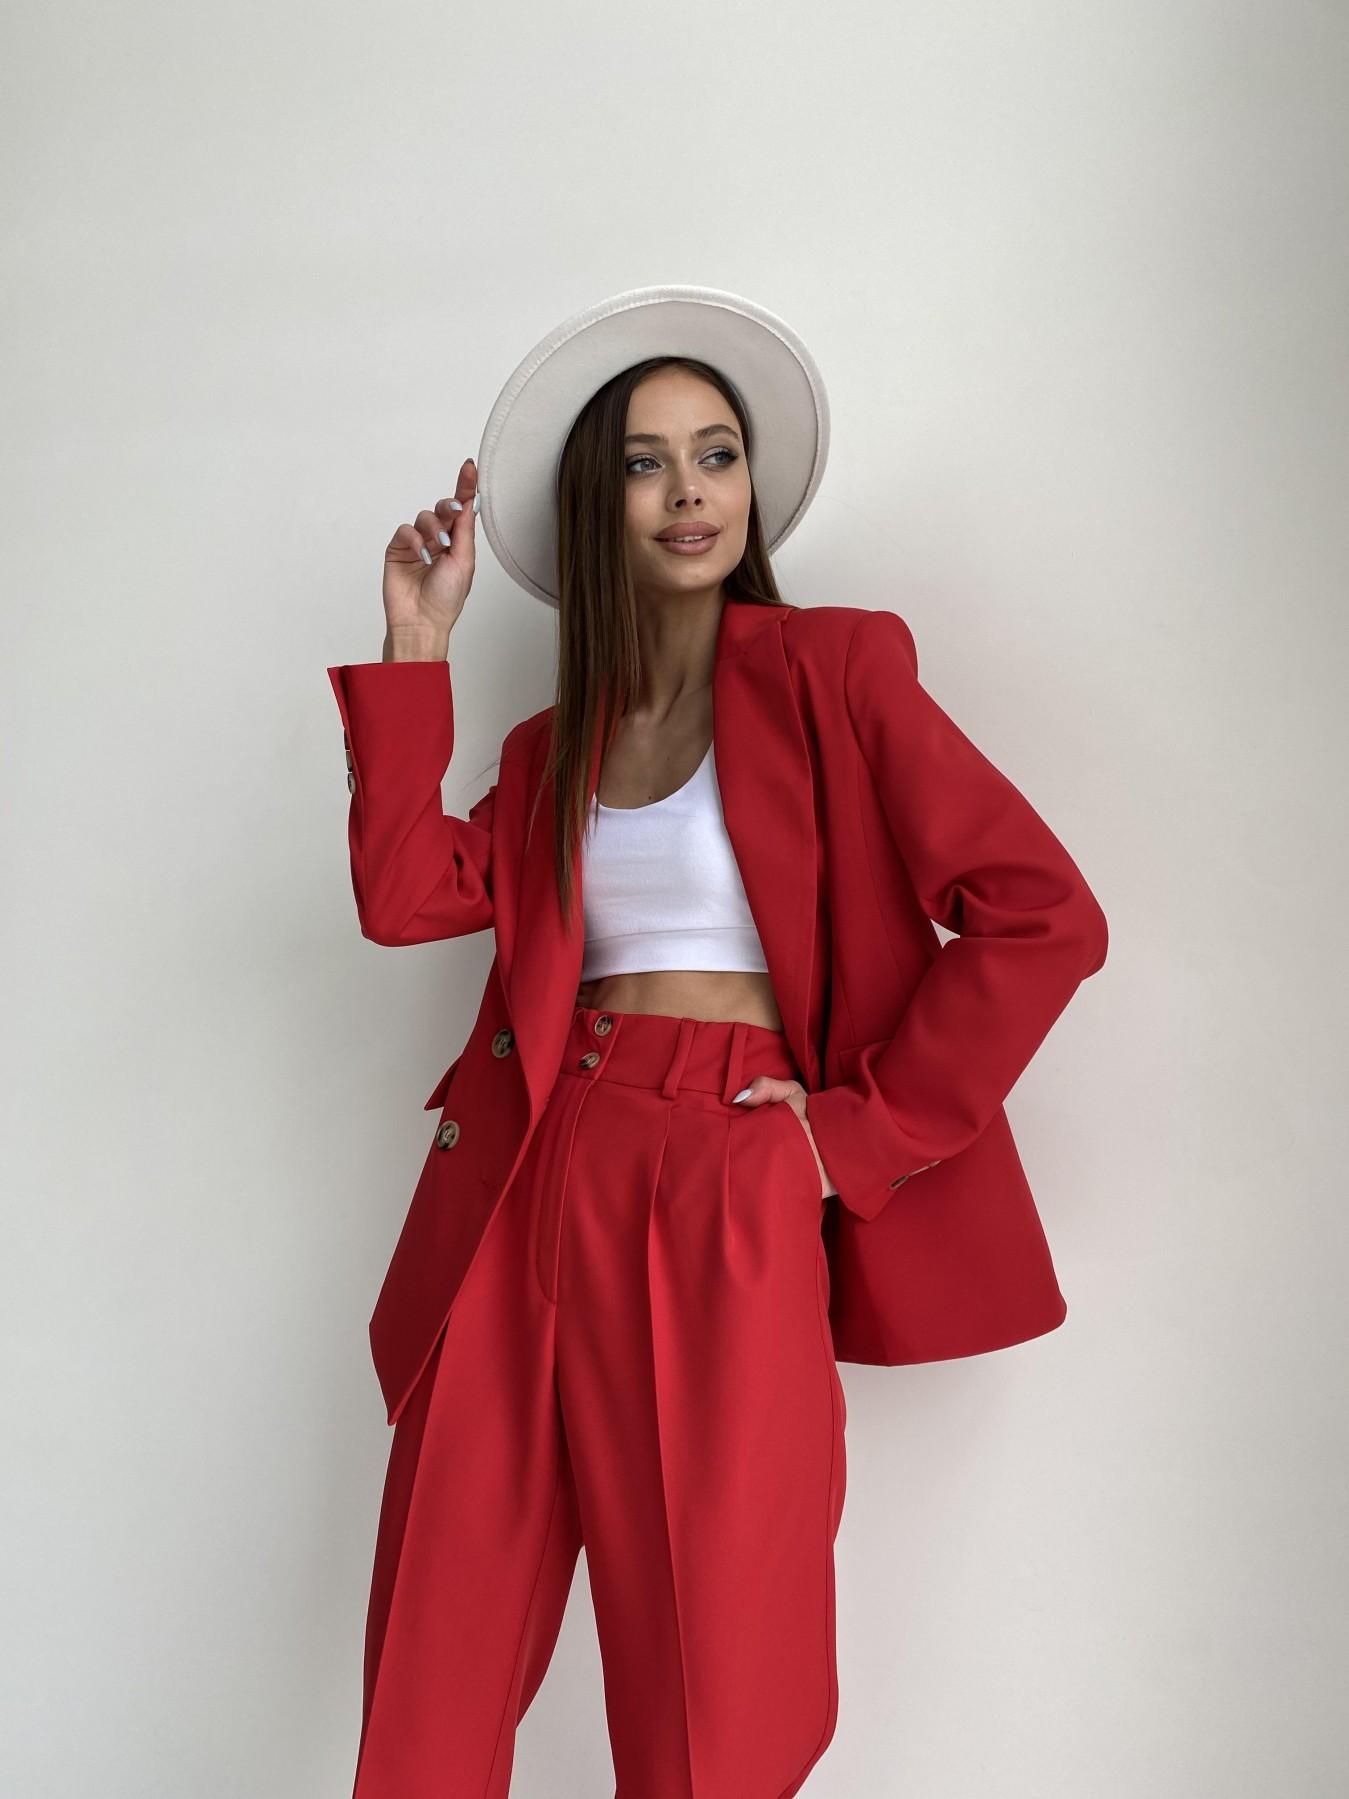 Франко костюм из костюмной ткани 11090 АРТ. 47798 Цвет: Красный - фото 9, интернет магазин tm-modus.ru